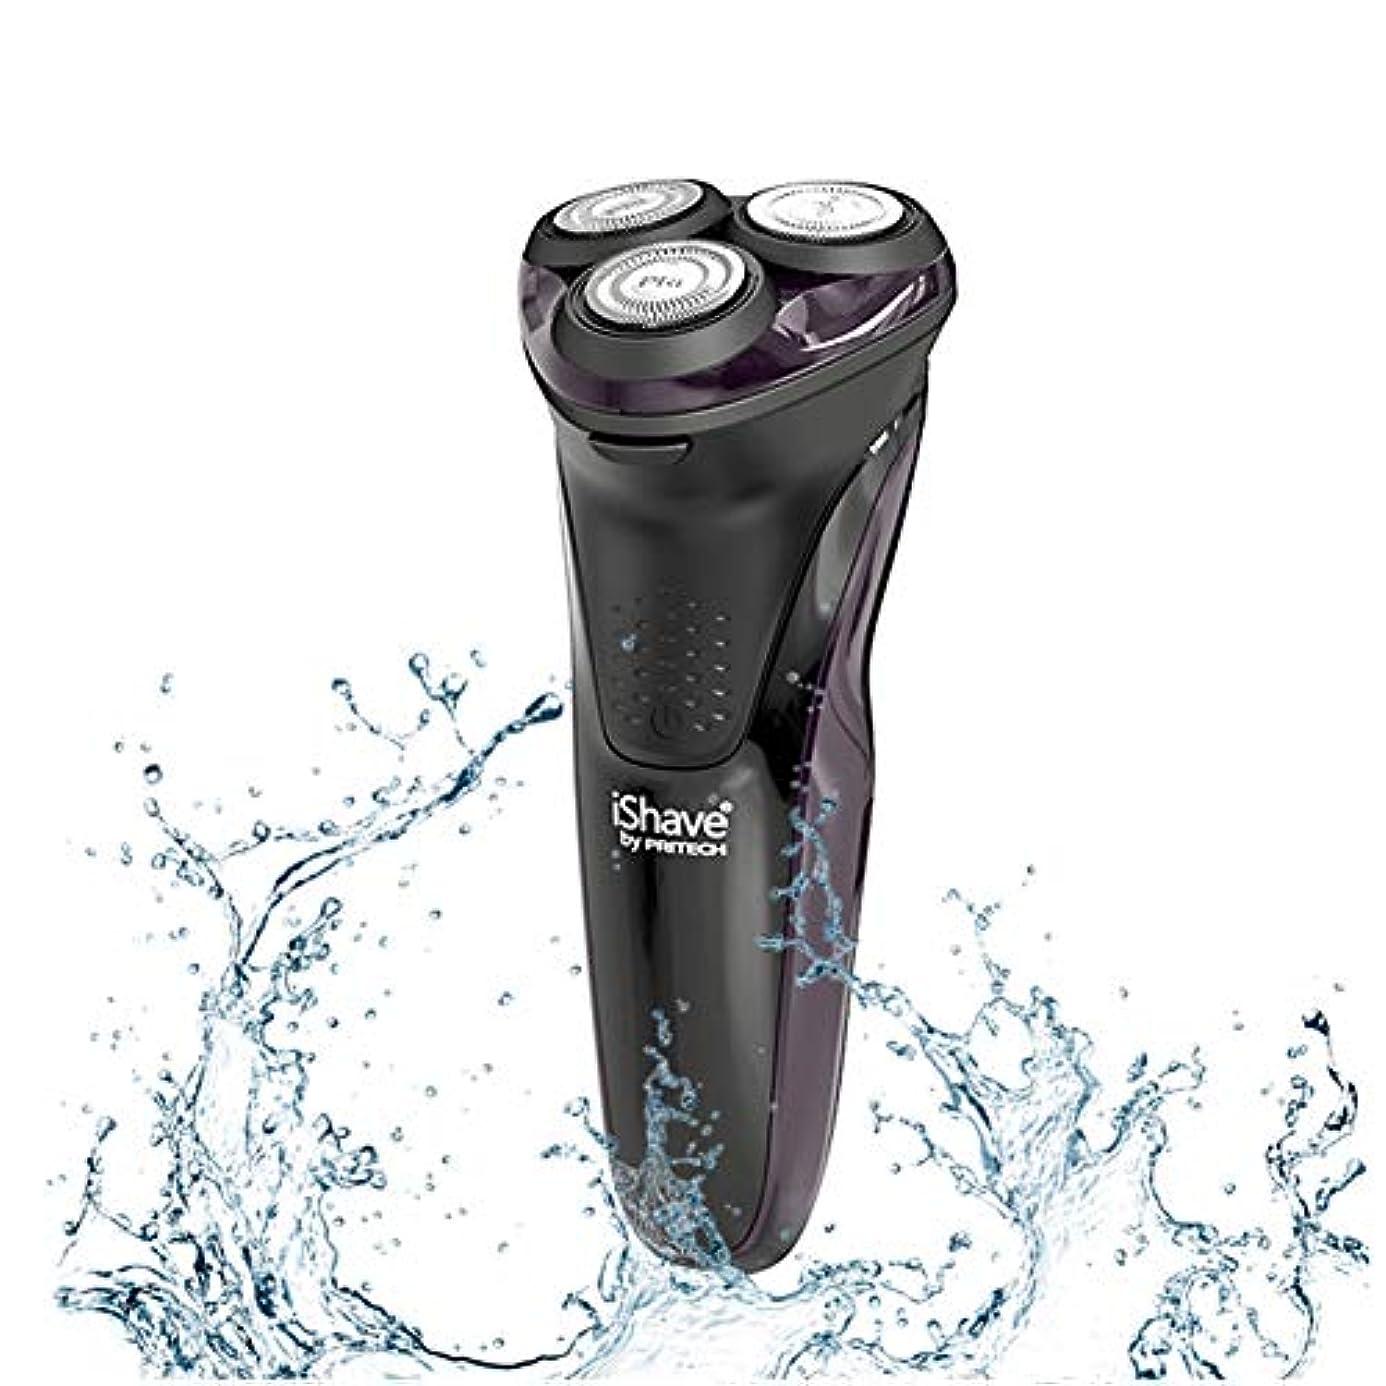 クラウドまつげ徴収プロフェッショナル電気シェーバー用男性洗える男性のひげトリマー電気かみそり充電式シェービングマシンフェイスカミソリ